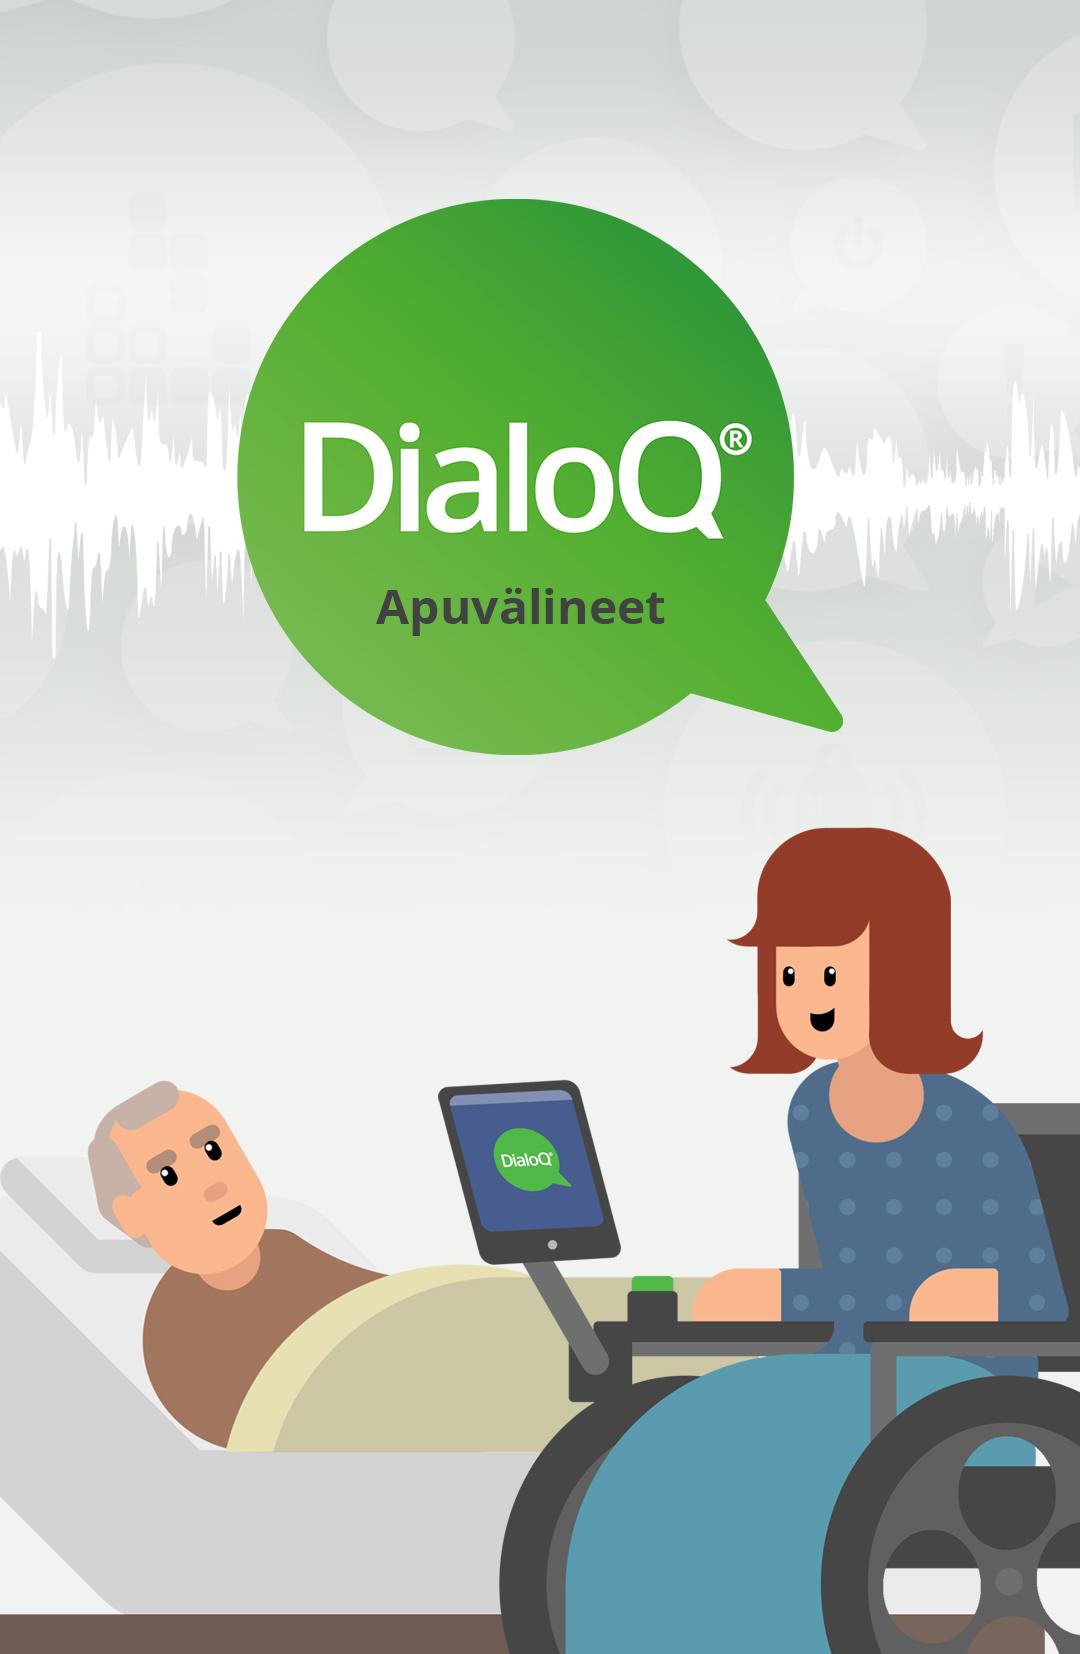 DialoQ -apuvälineet kommunikoinnin ja ympäristönhallinan avuksi